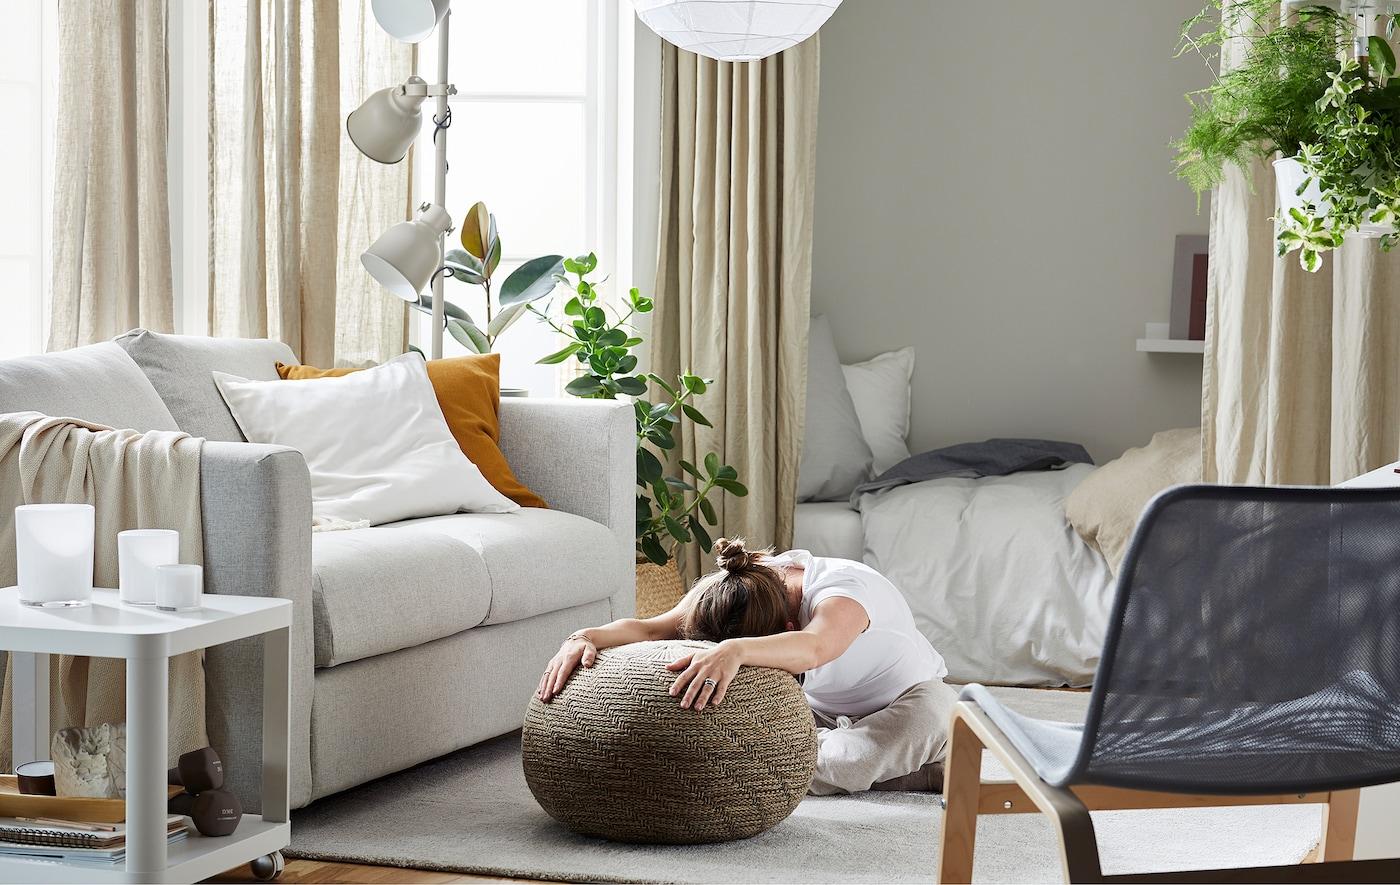 Eine Frau dehnt sich auf einem Wohnzimmerteppich, die Beine zum Schneidersitz gefaltet, die Arme auf einem Hocker abgelegt.